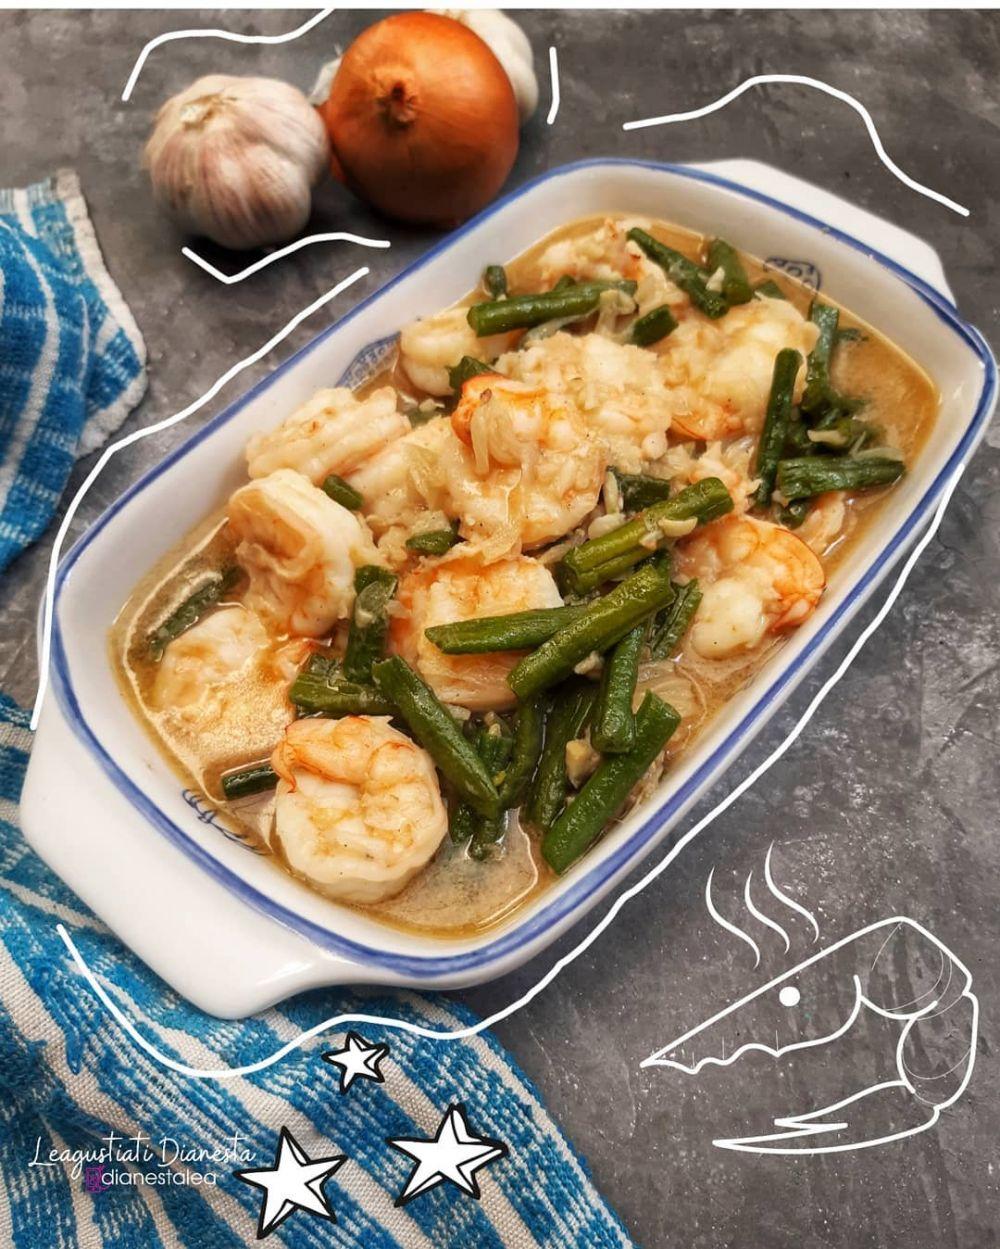 resep tumis udang Instagram © 2021 brilio.net